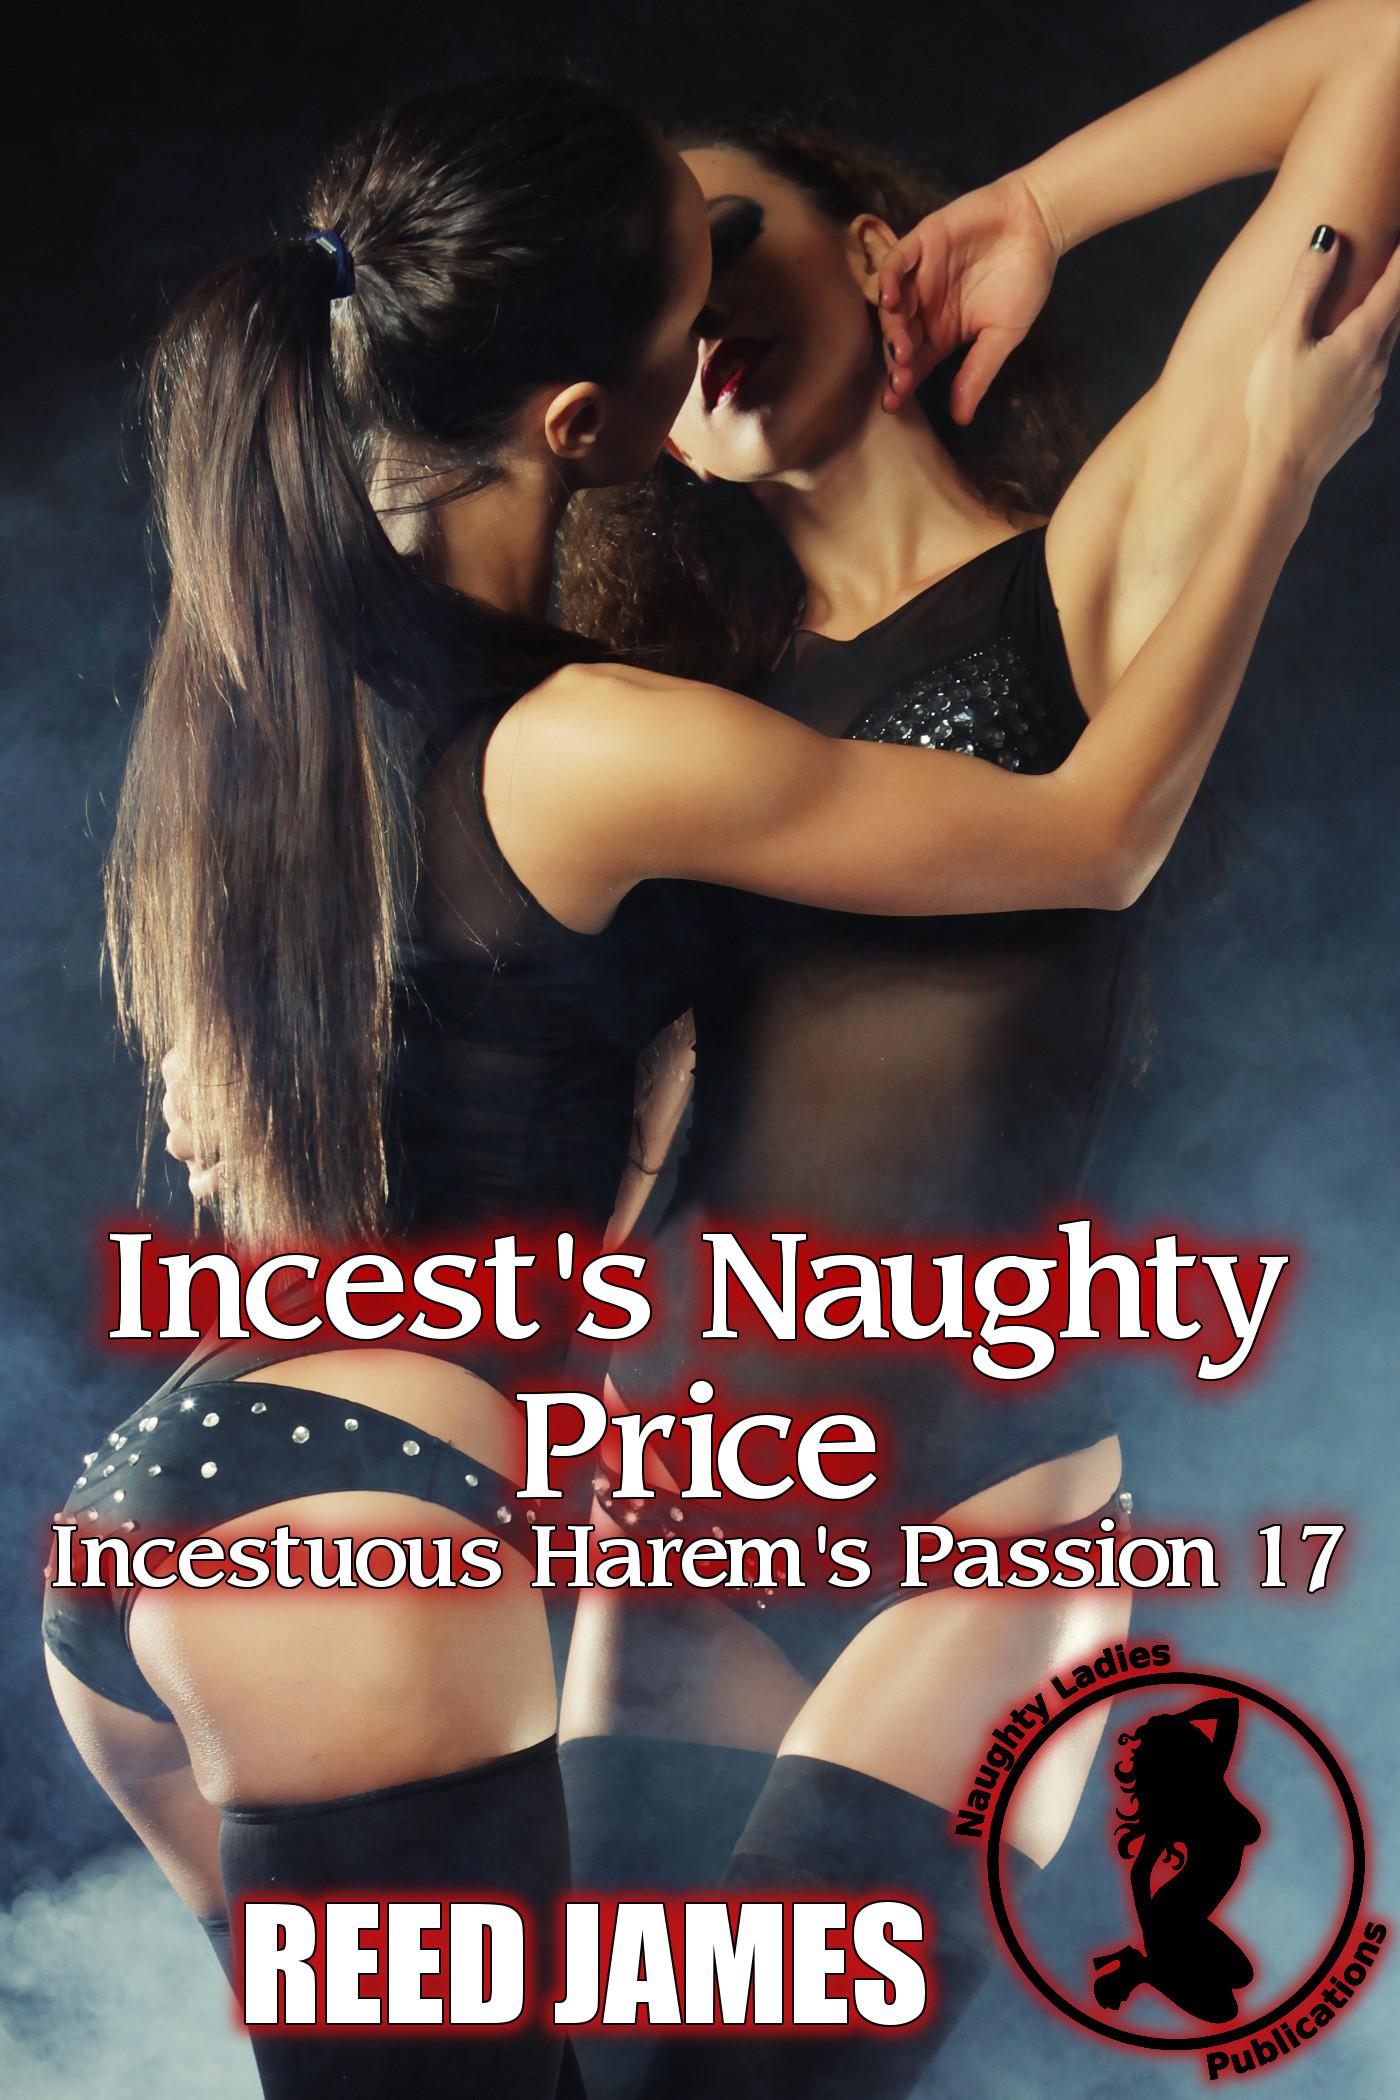 incest priće